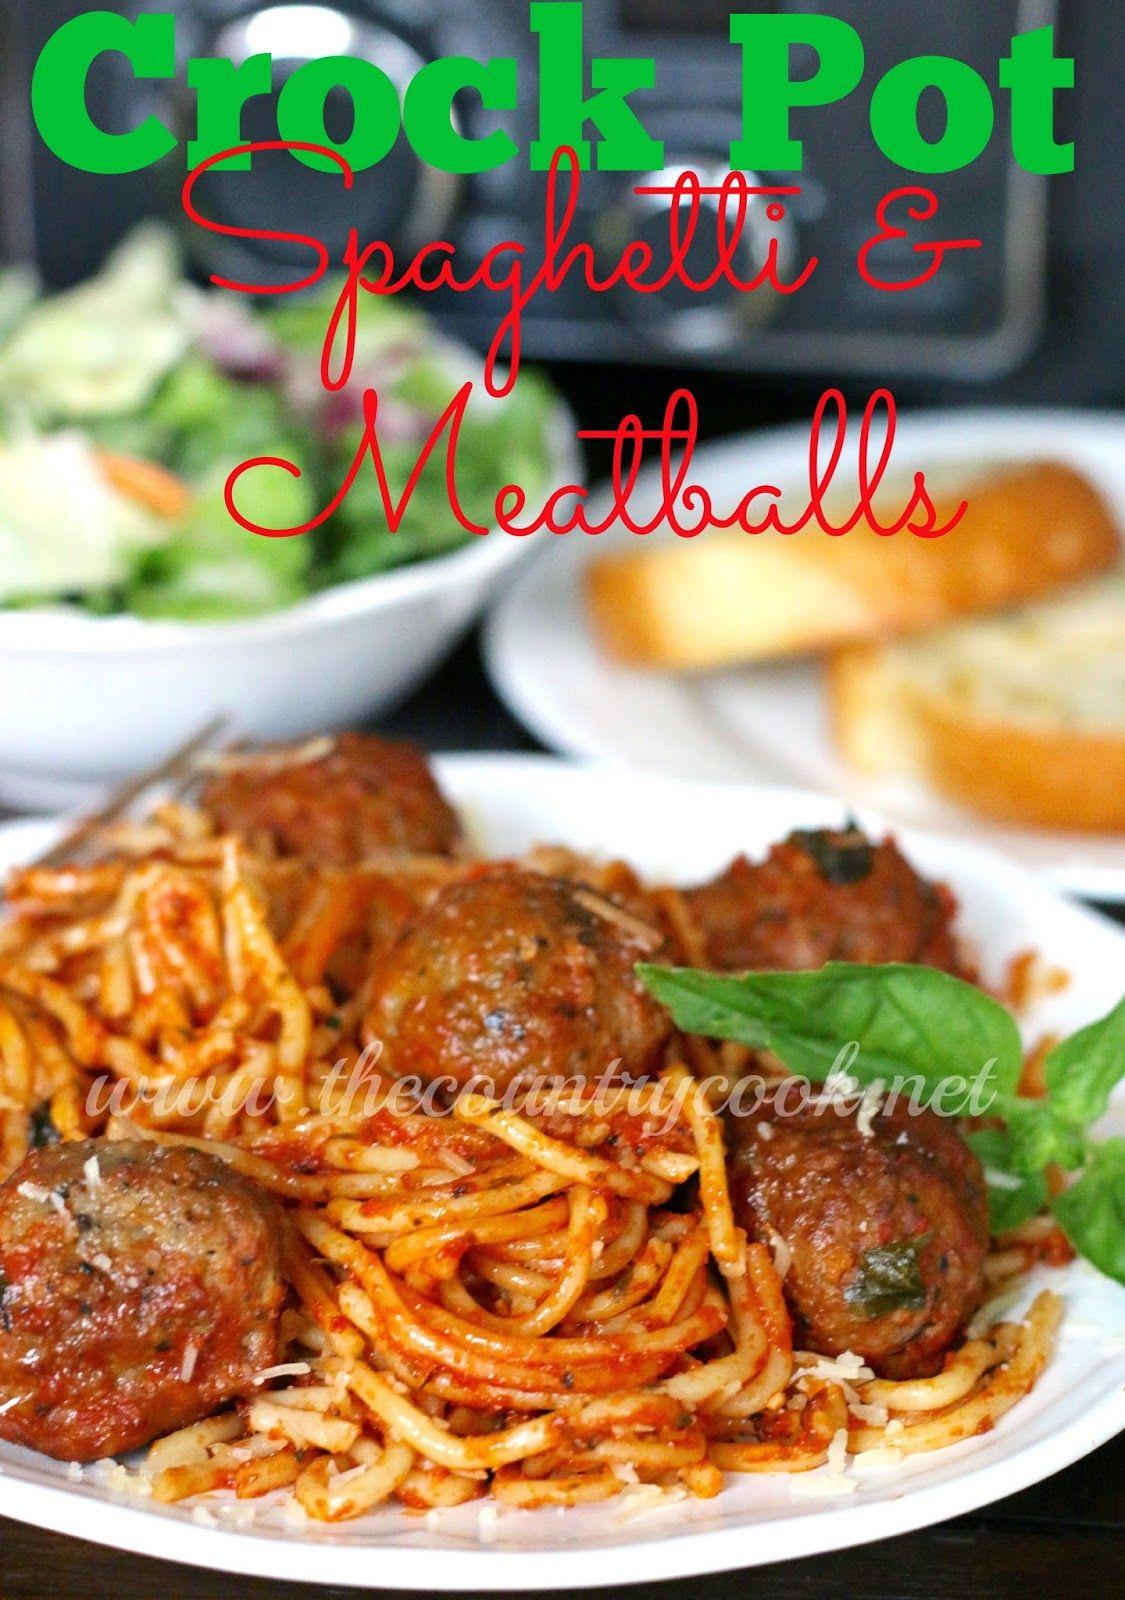 Crock pot spaghetti meatballs allinone recipe